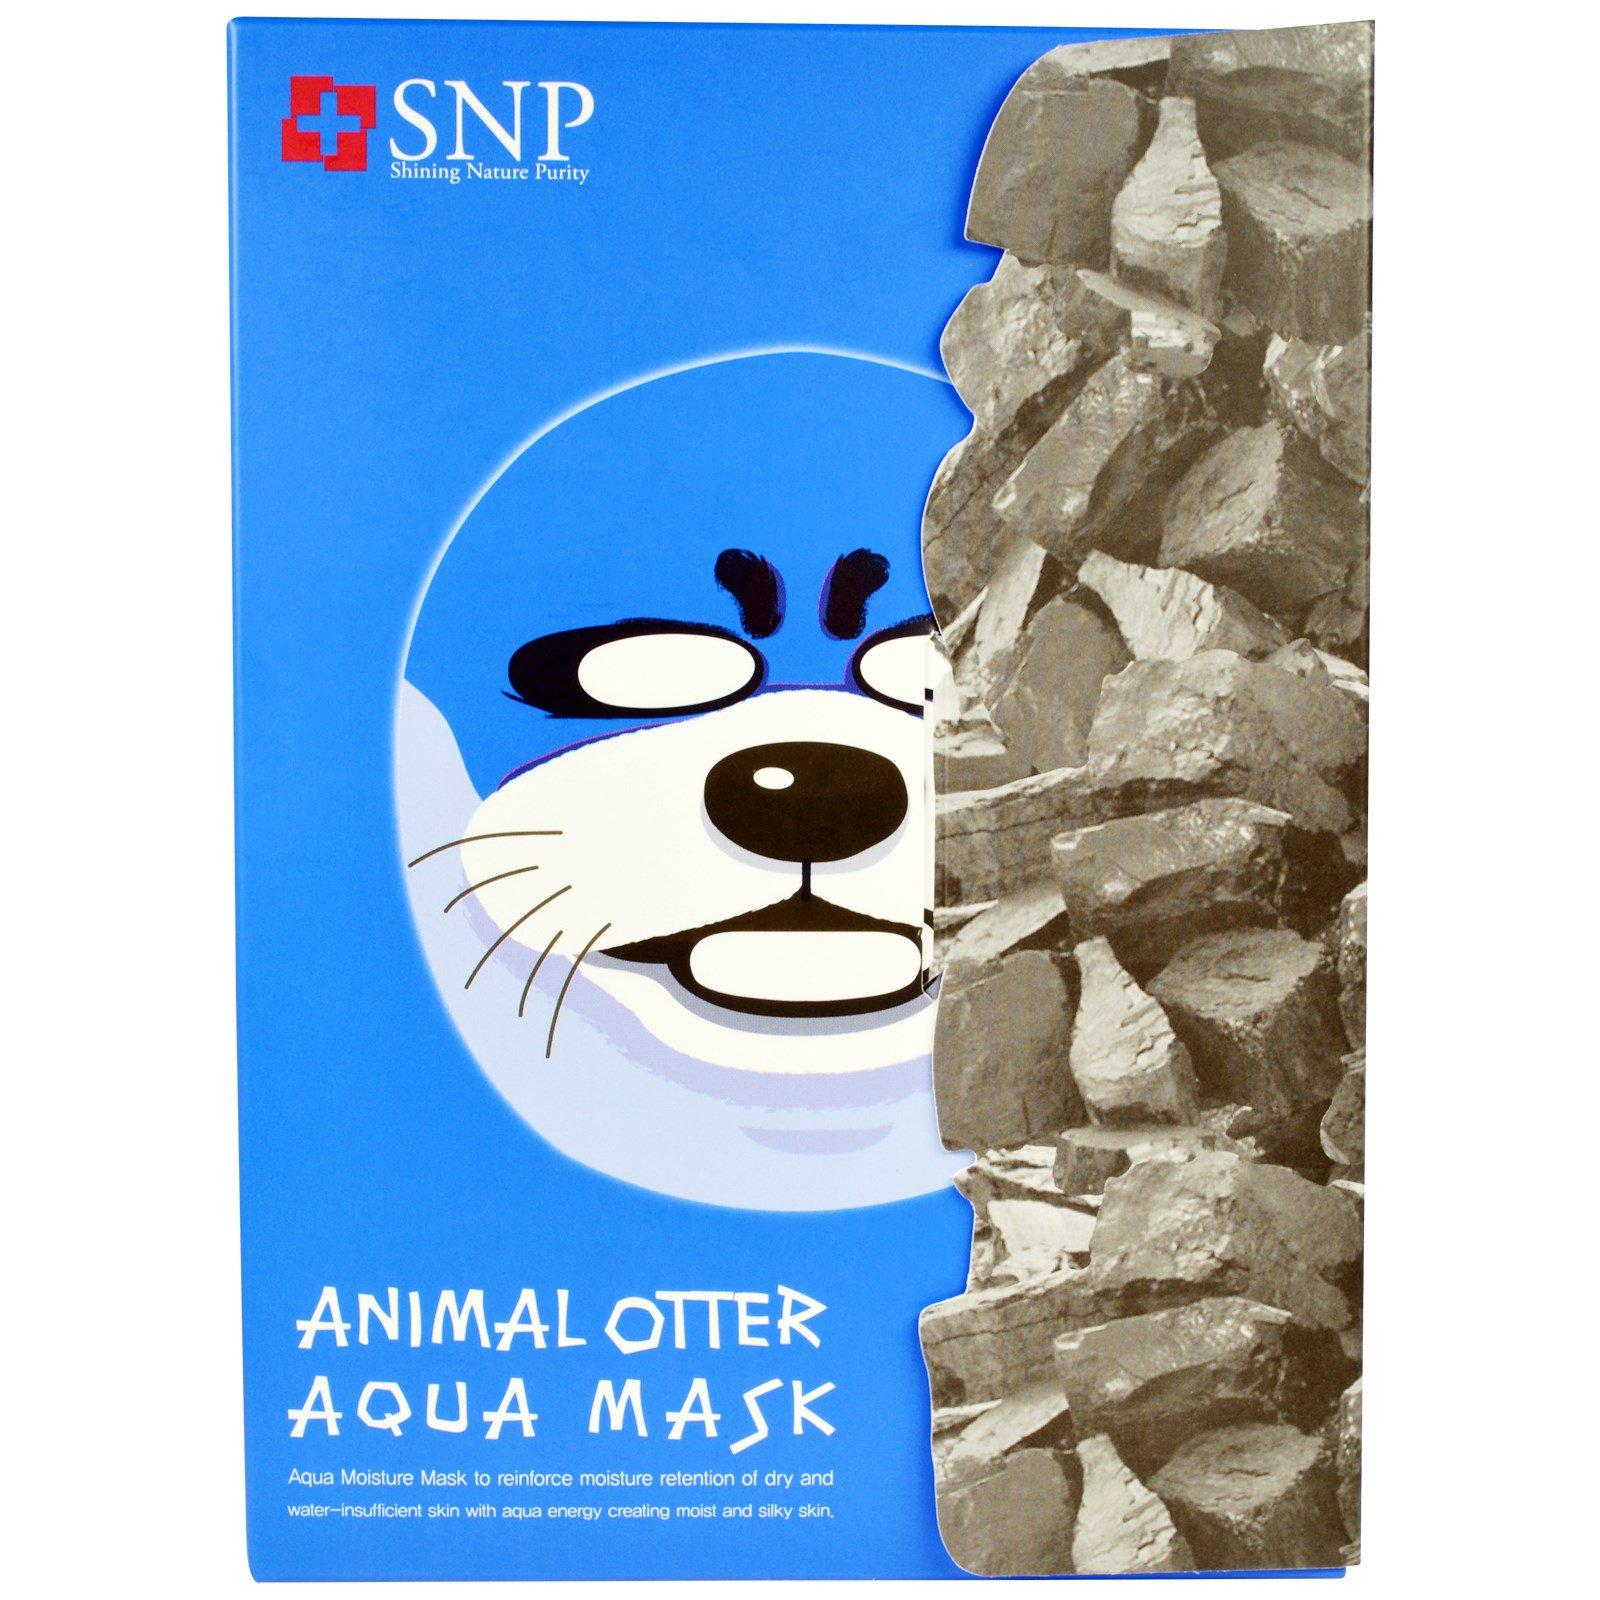 SNP, Аквамаска «Животное выдра», 10 масок по 25 мл каждая